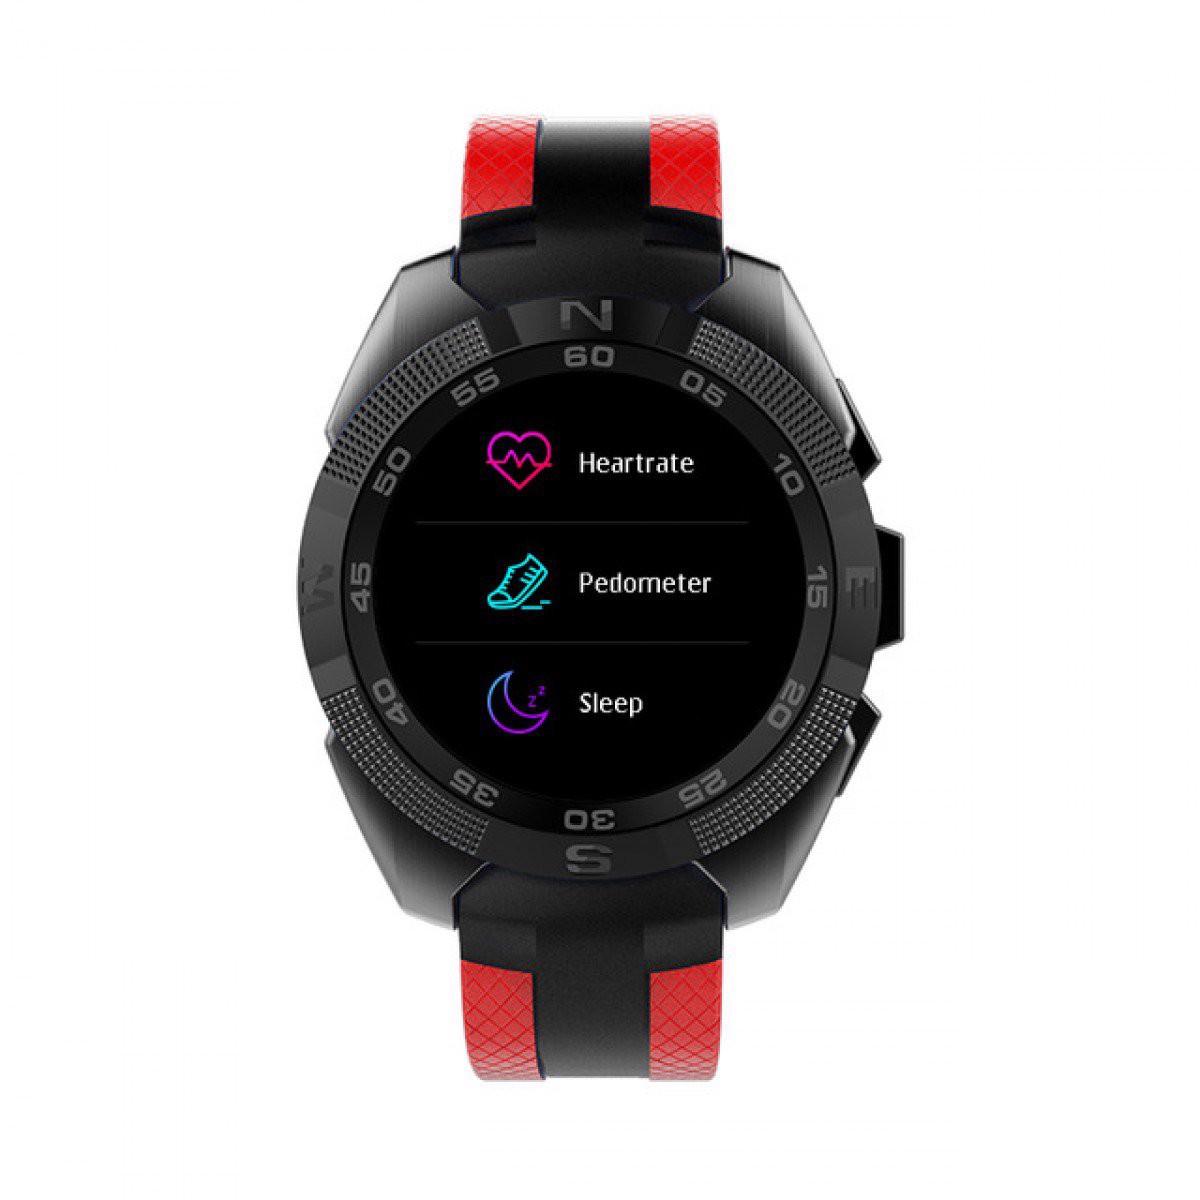 Đồng hồ thông minh Tuxedowear TX-L3 siêu mỏng, nghe gọi đa chức năng_Hàng Chính Hãng